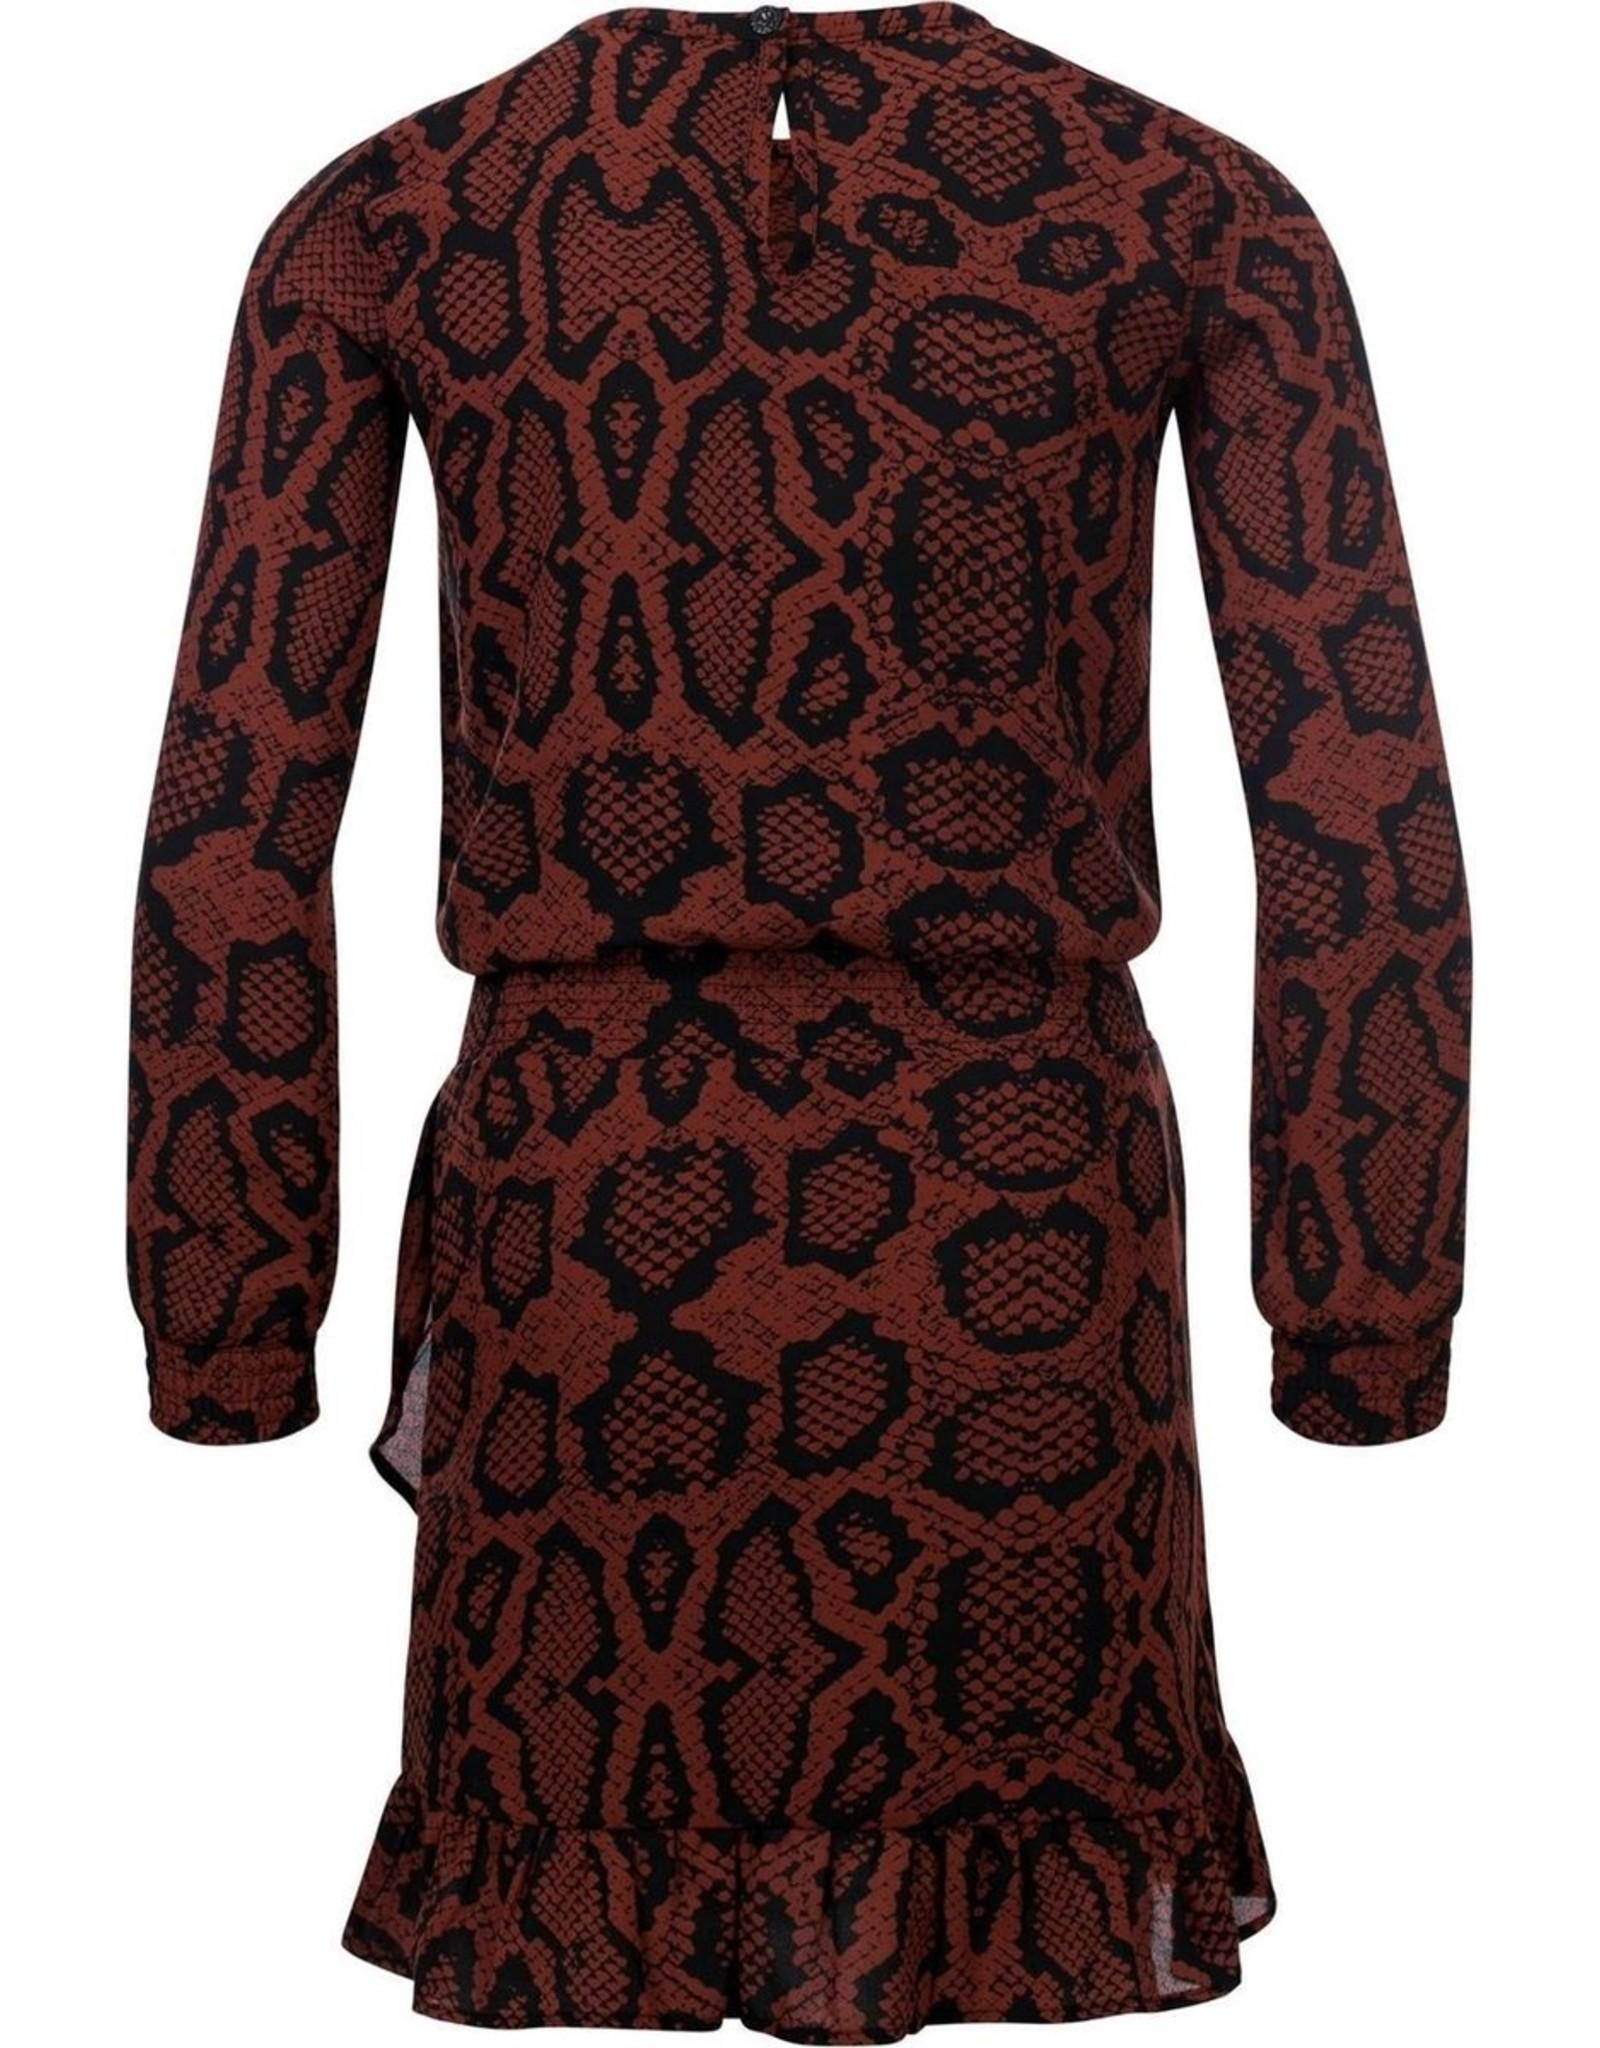 LOOXS 10sixteen Girls Dress snake